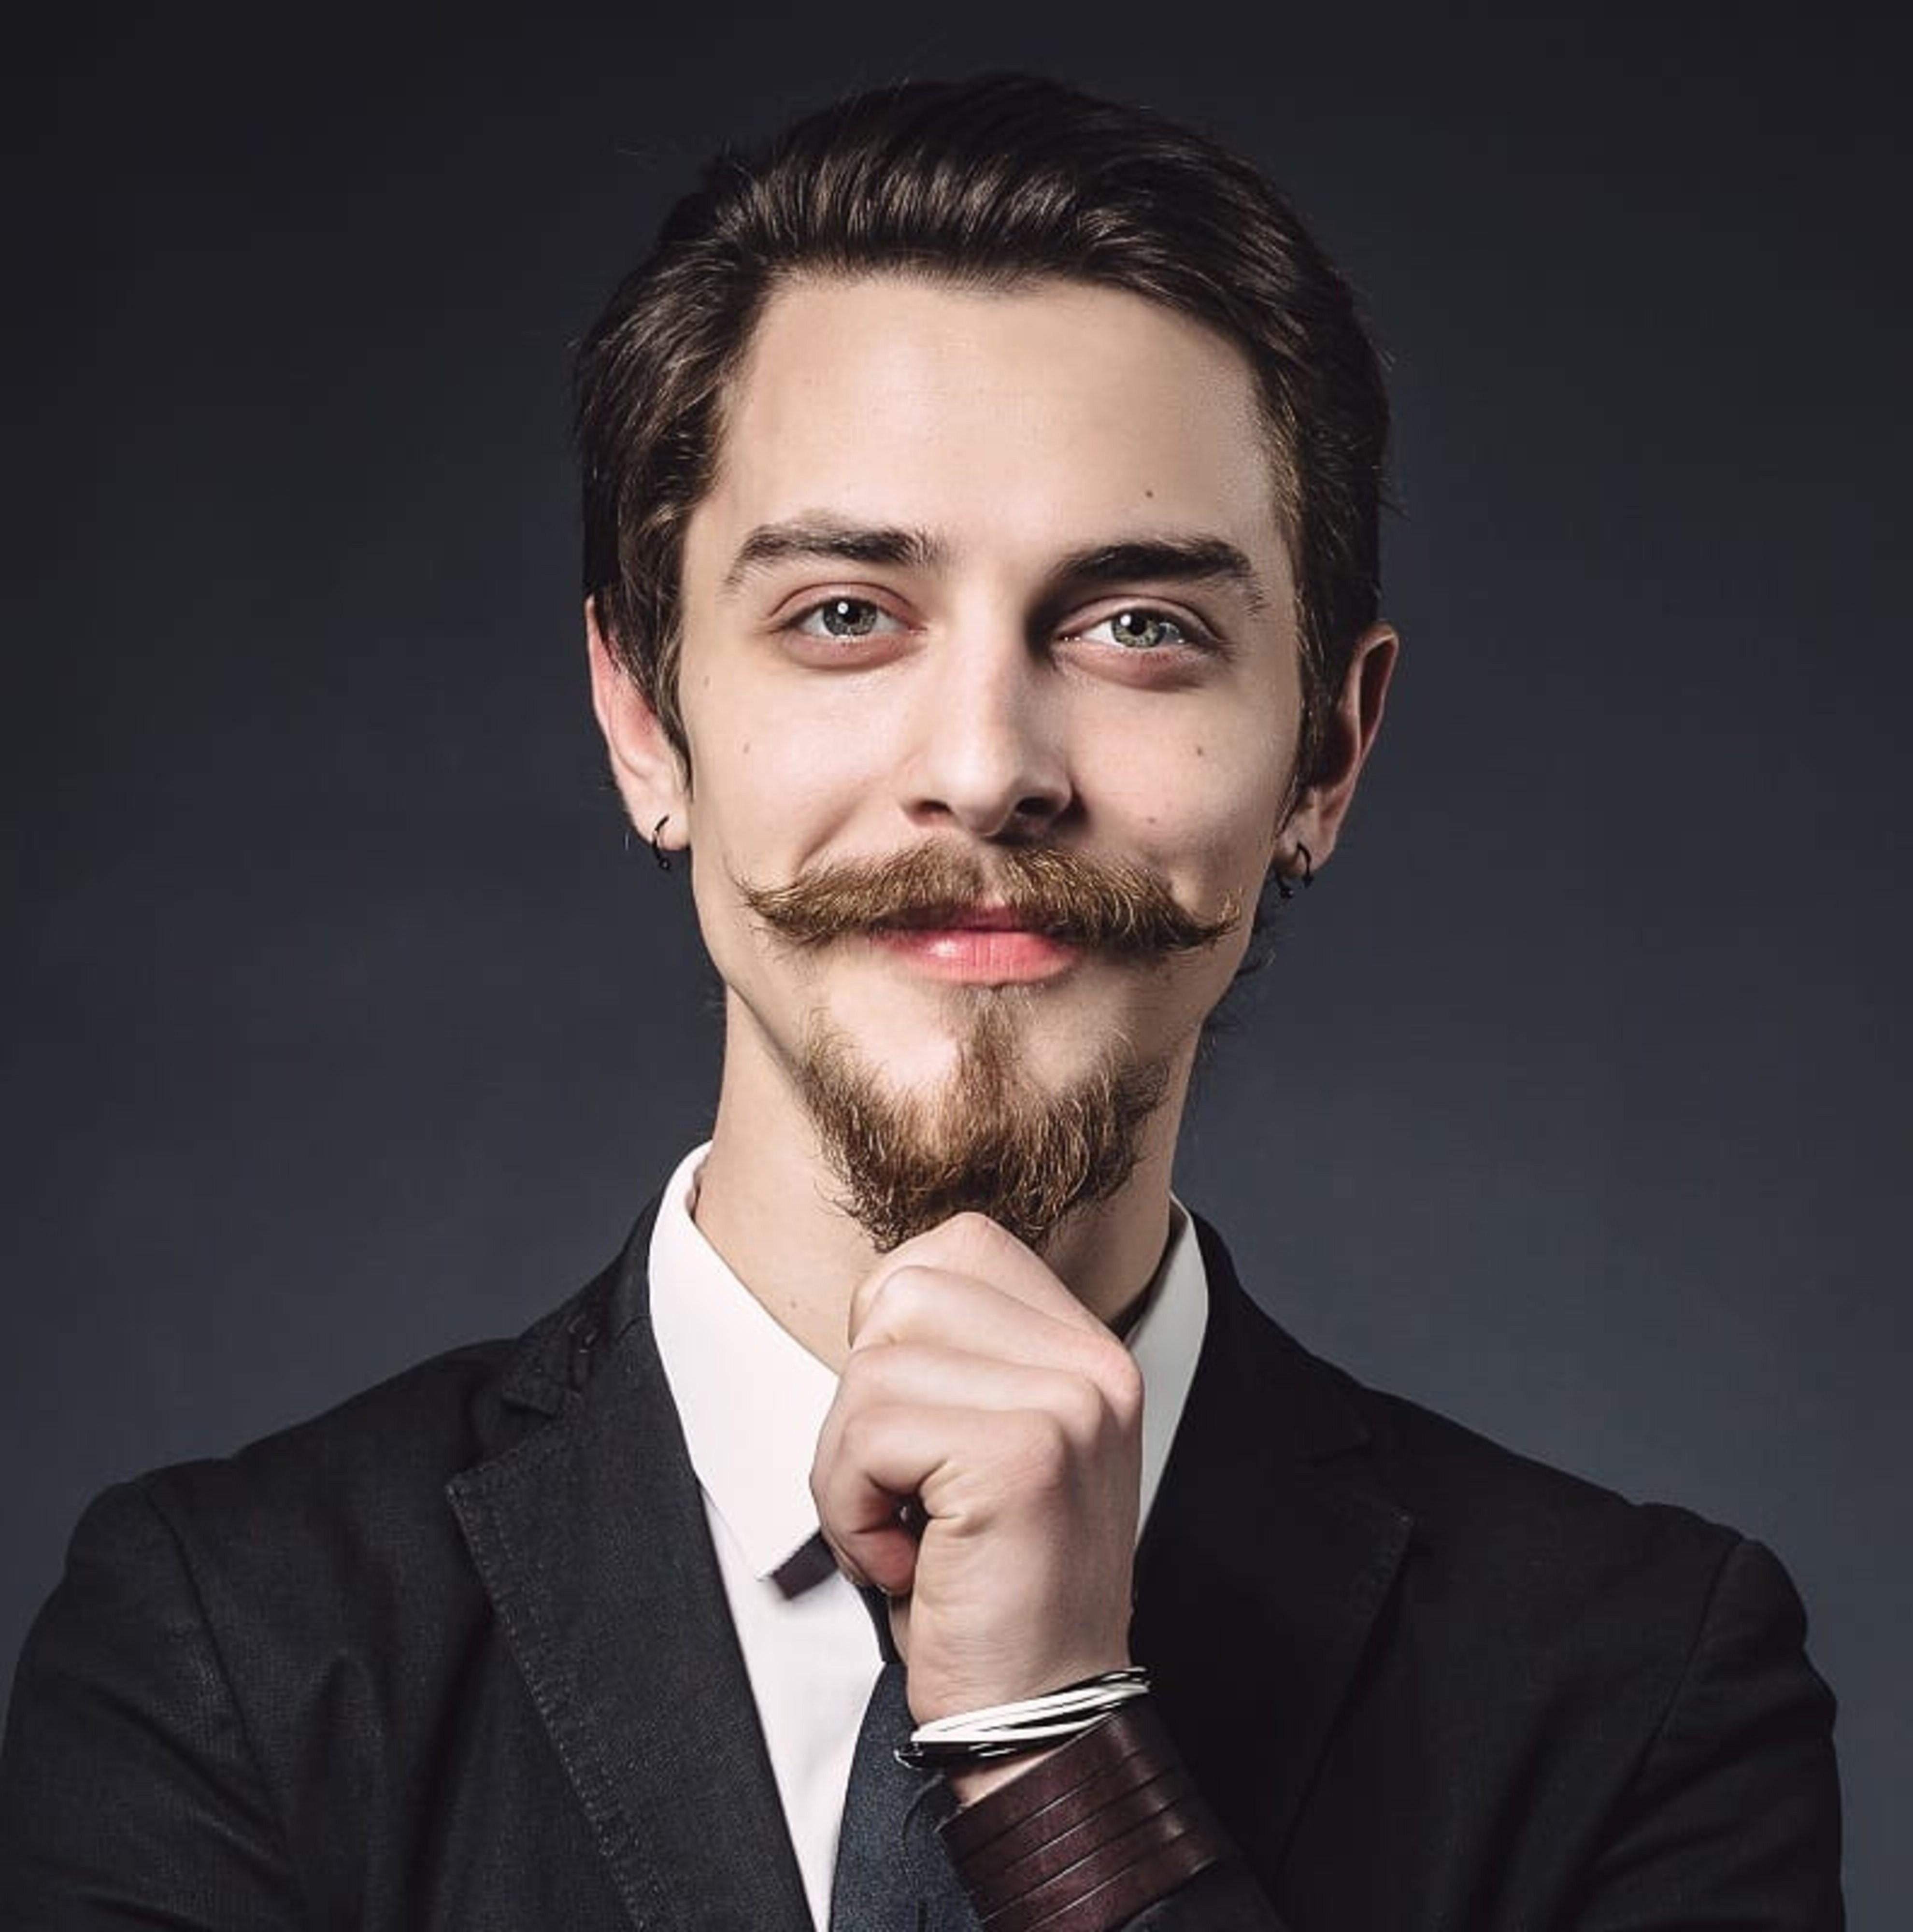 A long beard like Van Dyke has.